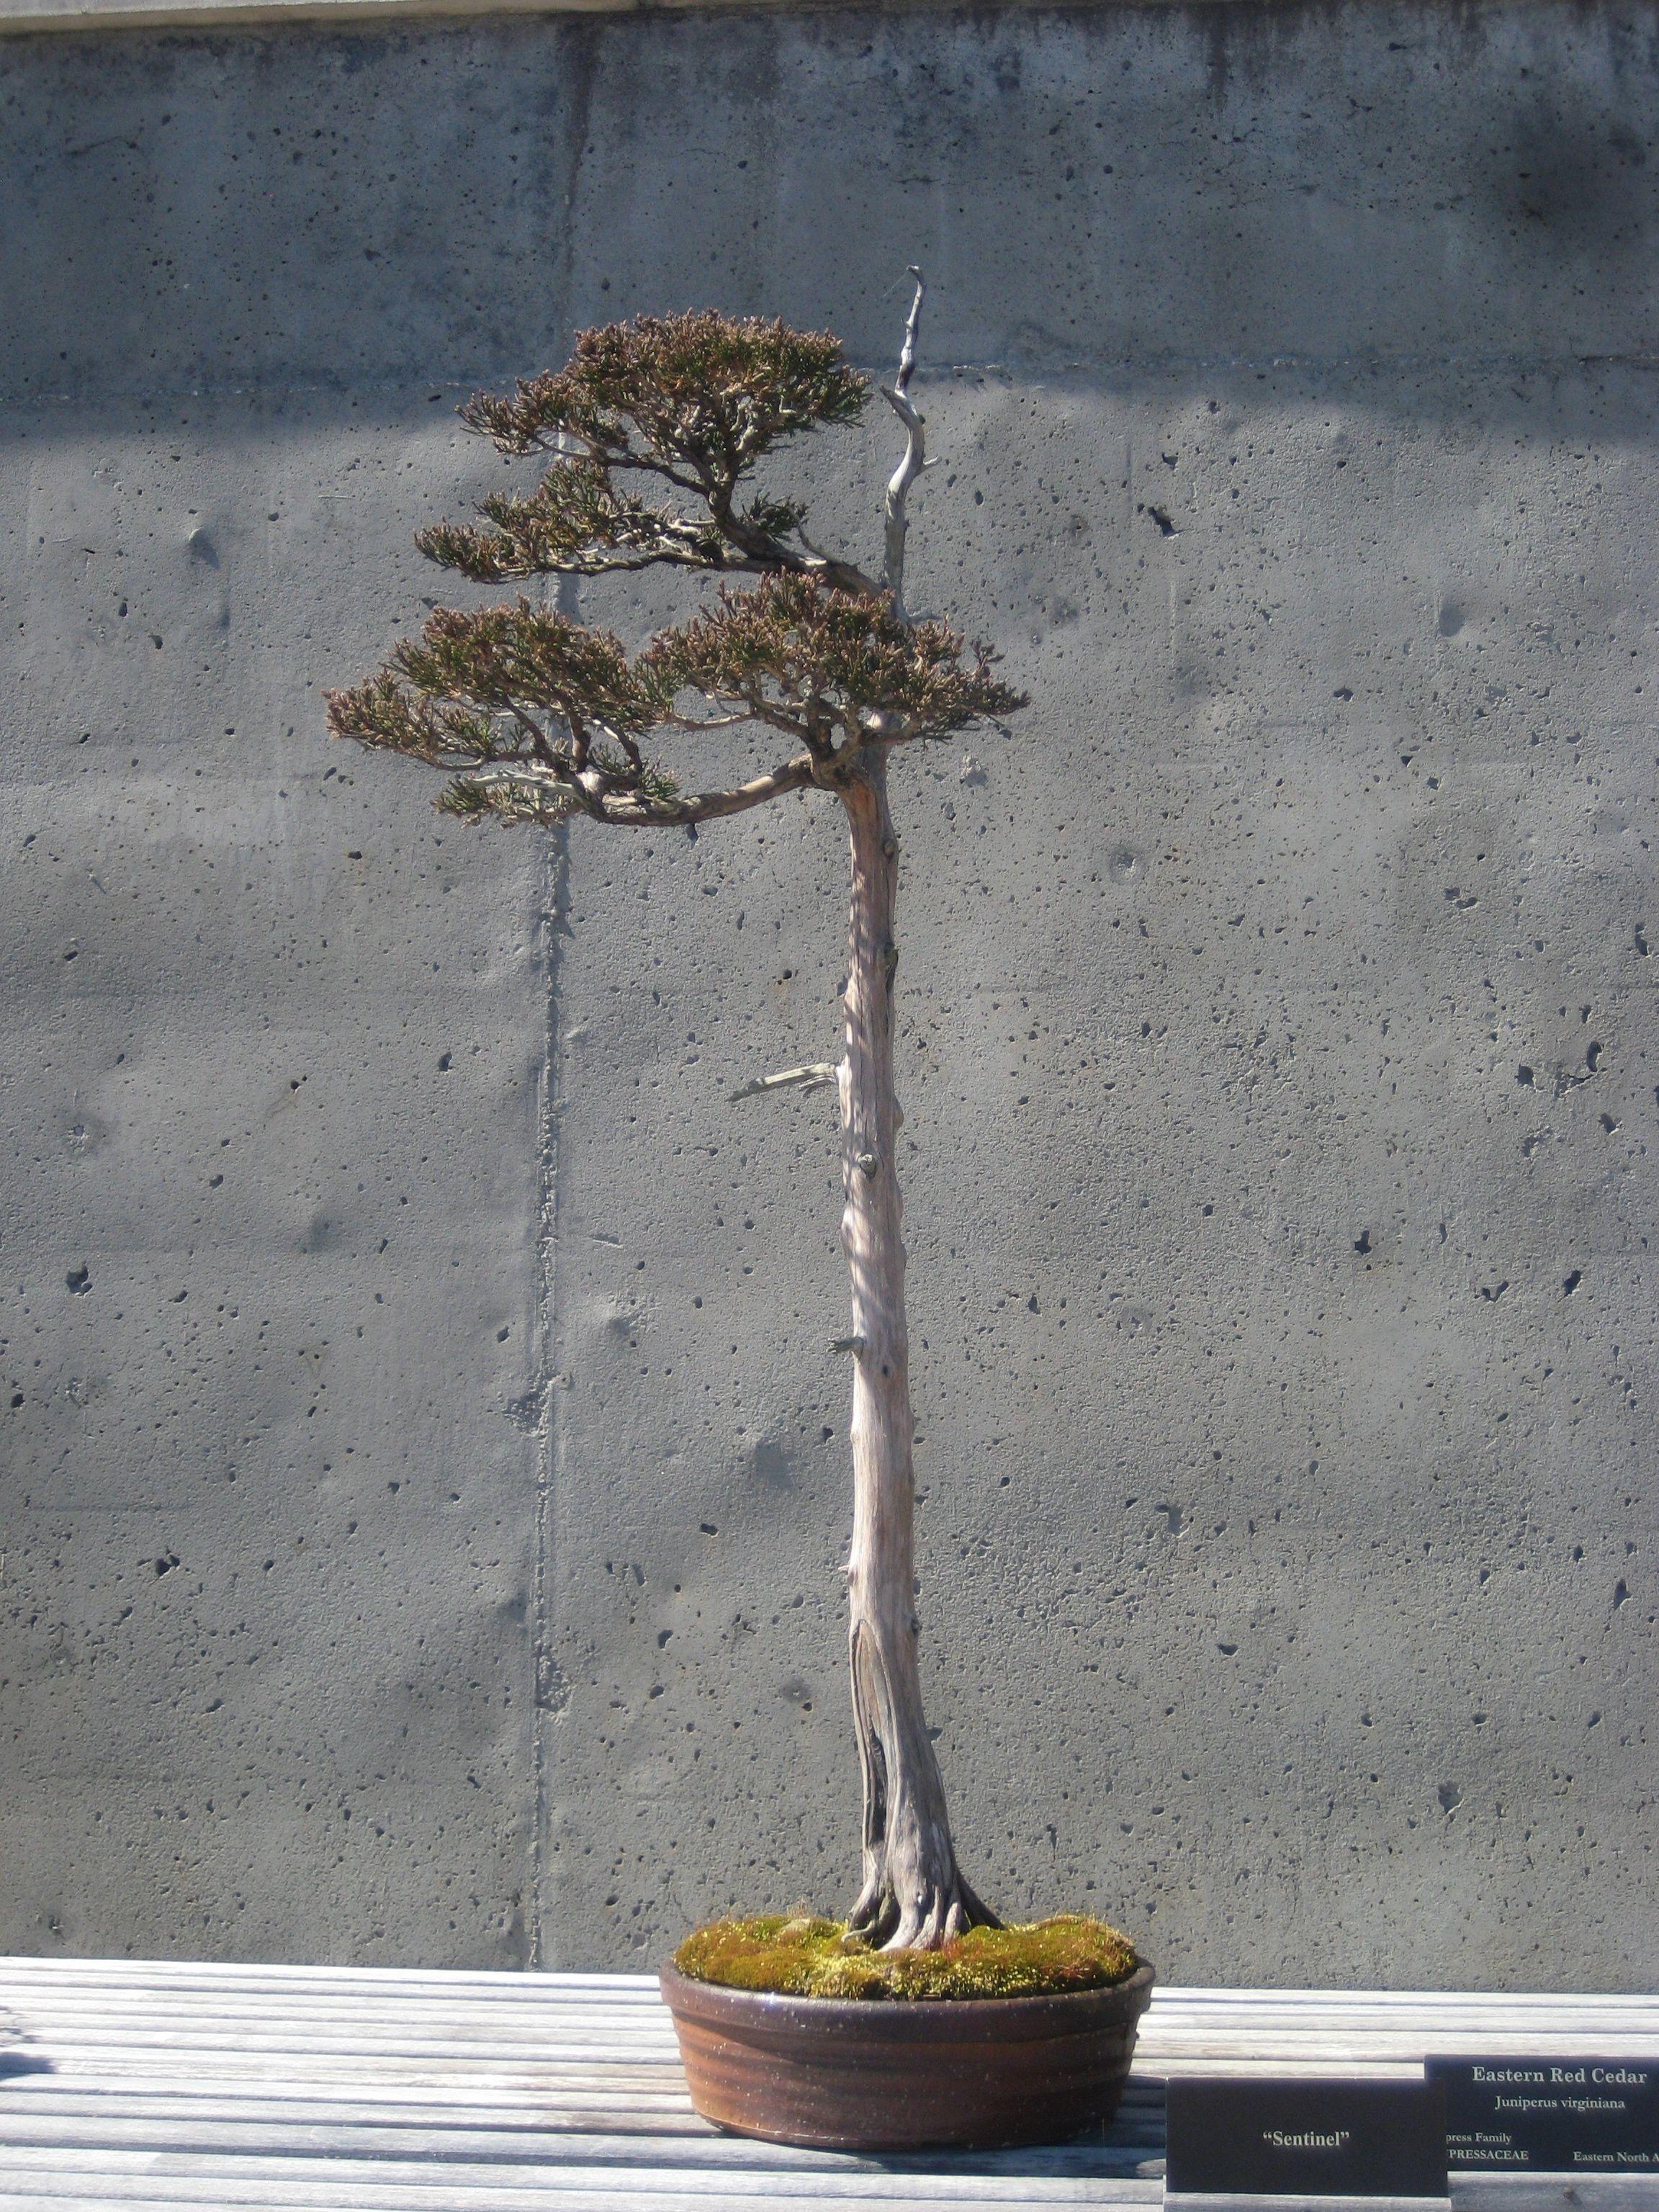 Eastern Red Cedar Bonsai At The Nc Arboretum Asheville Cay Kiểng Bonsai Cay Cối Cay